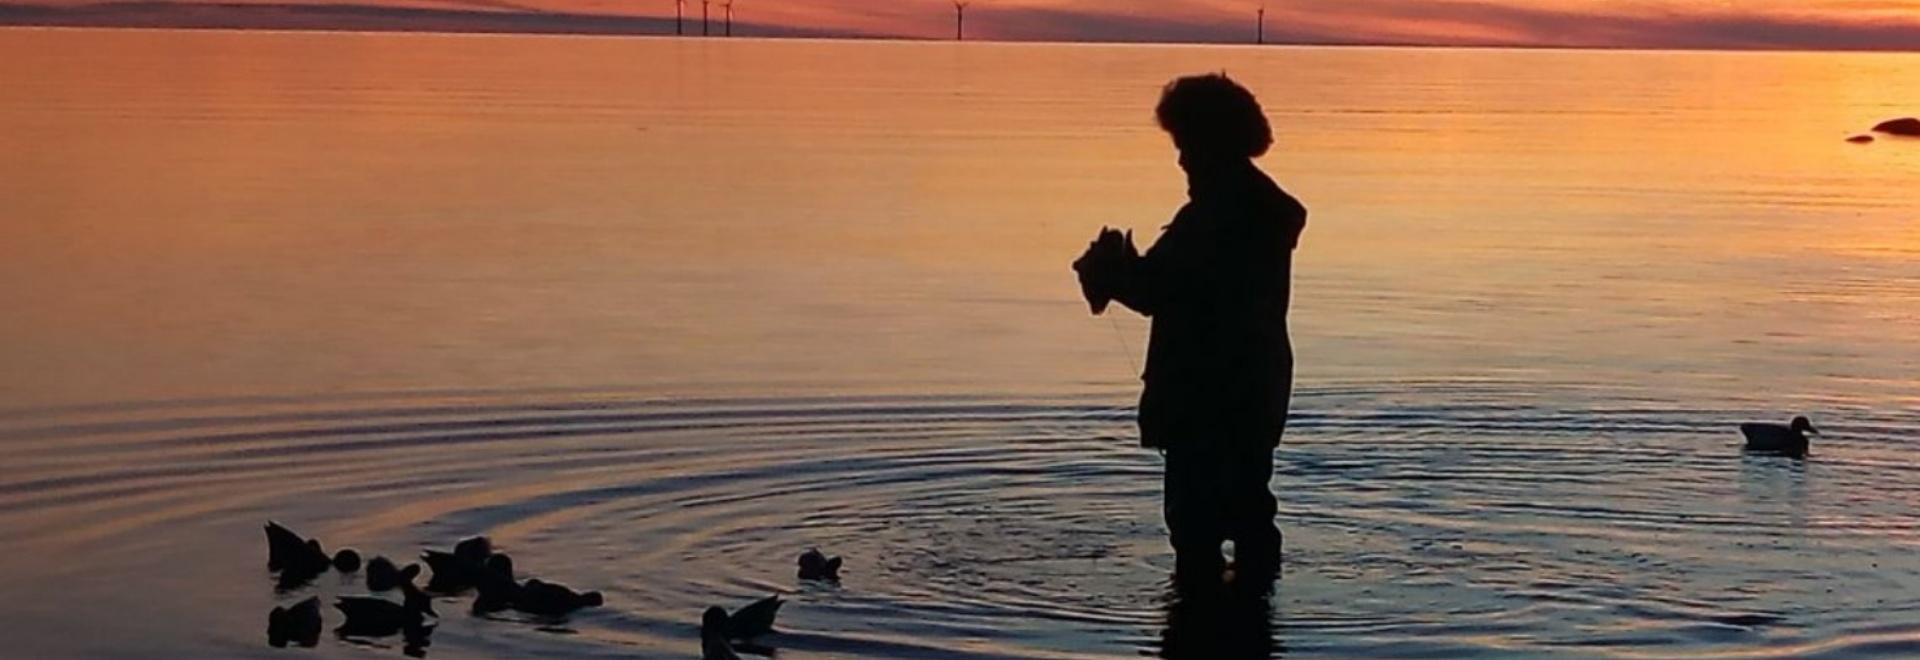 Andrea Bartoletti - Beccacce sull'Isola di Gotland